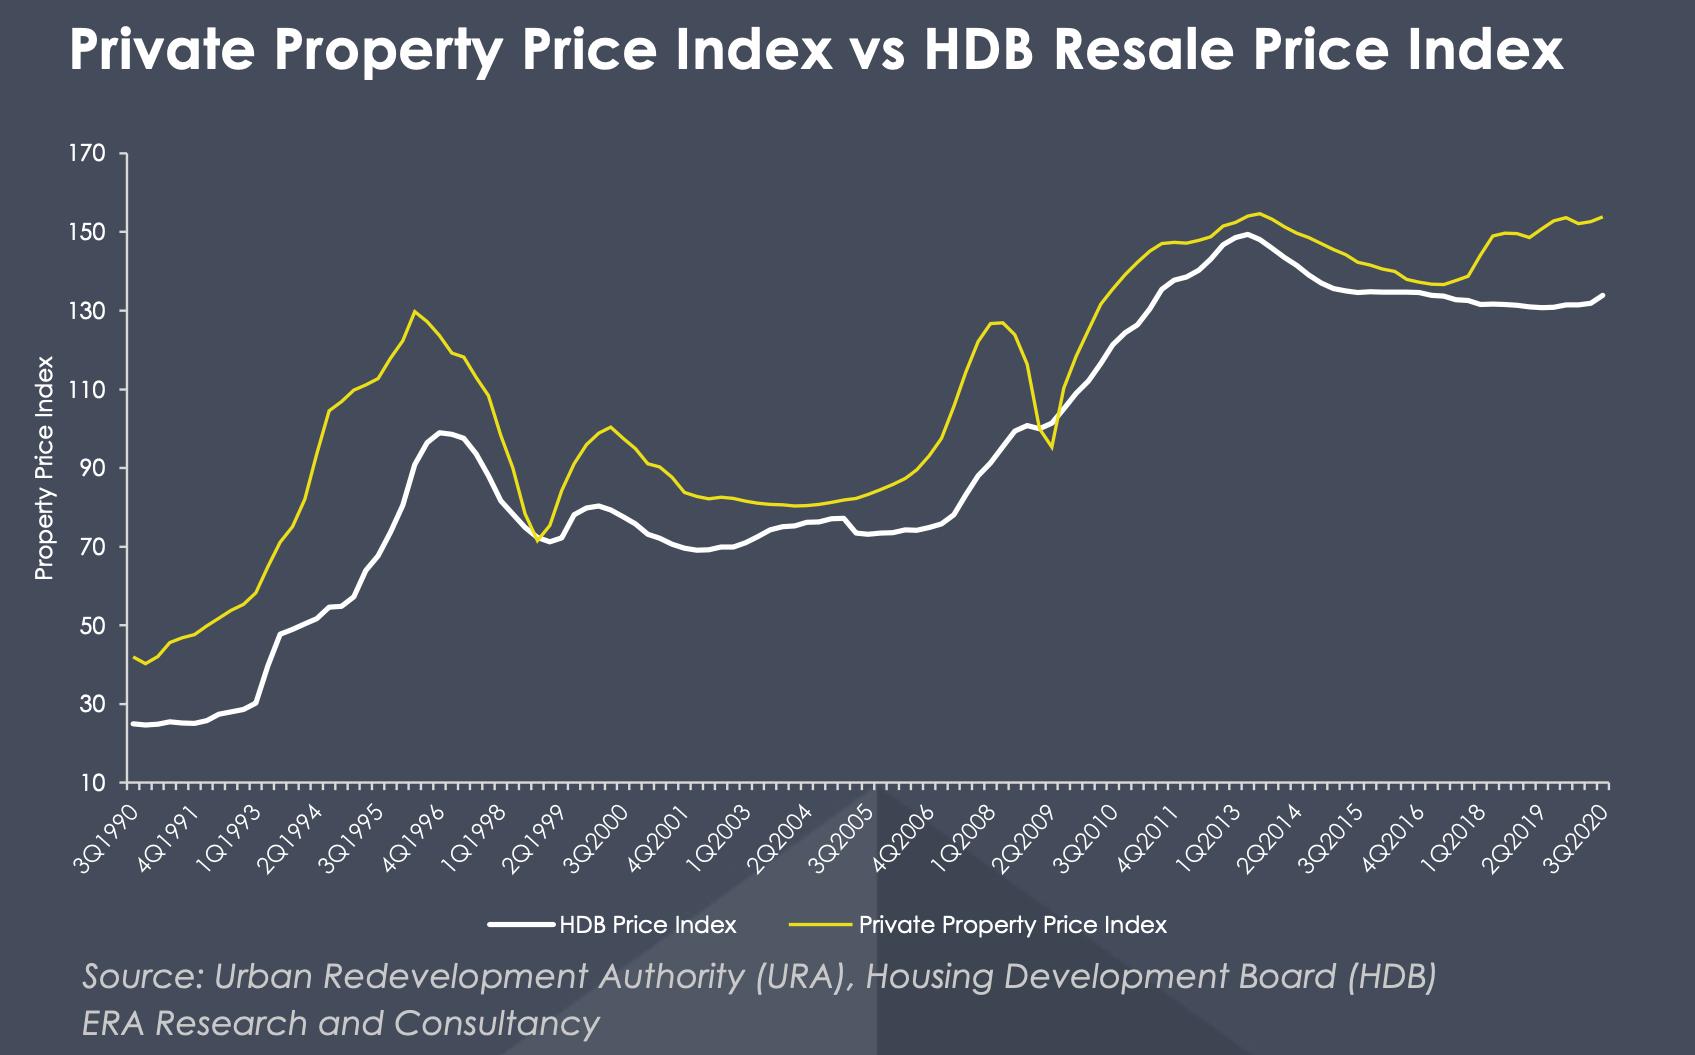 PPI vs HDB Price Index